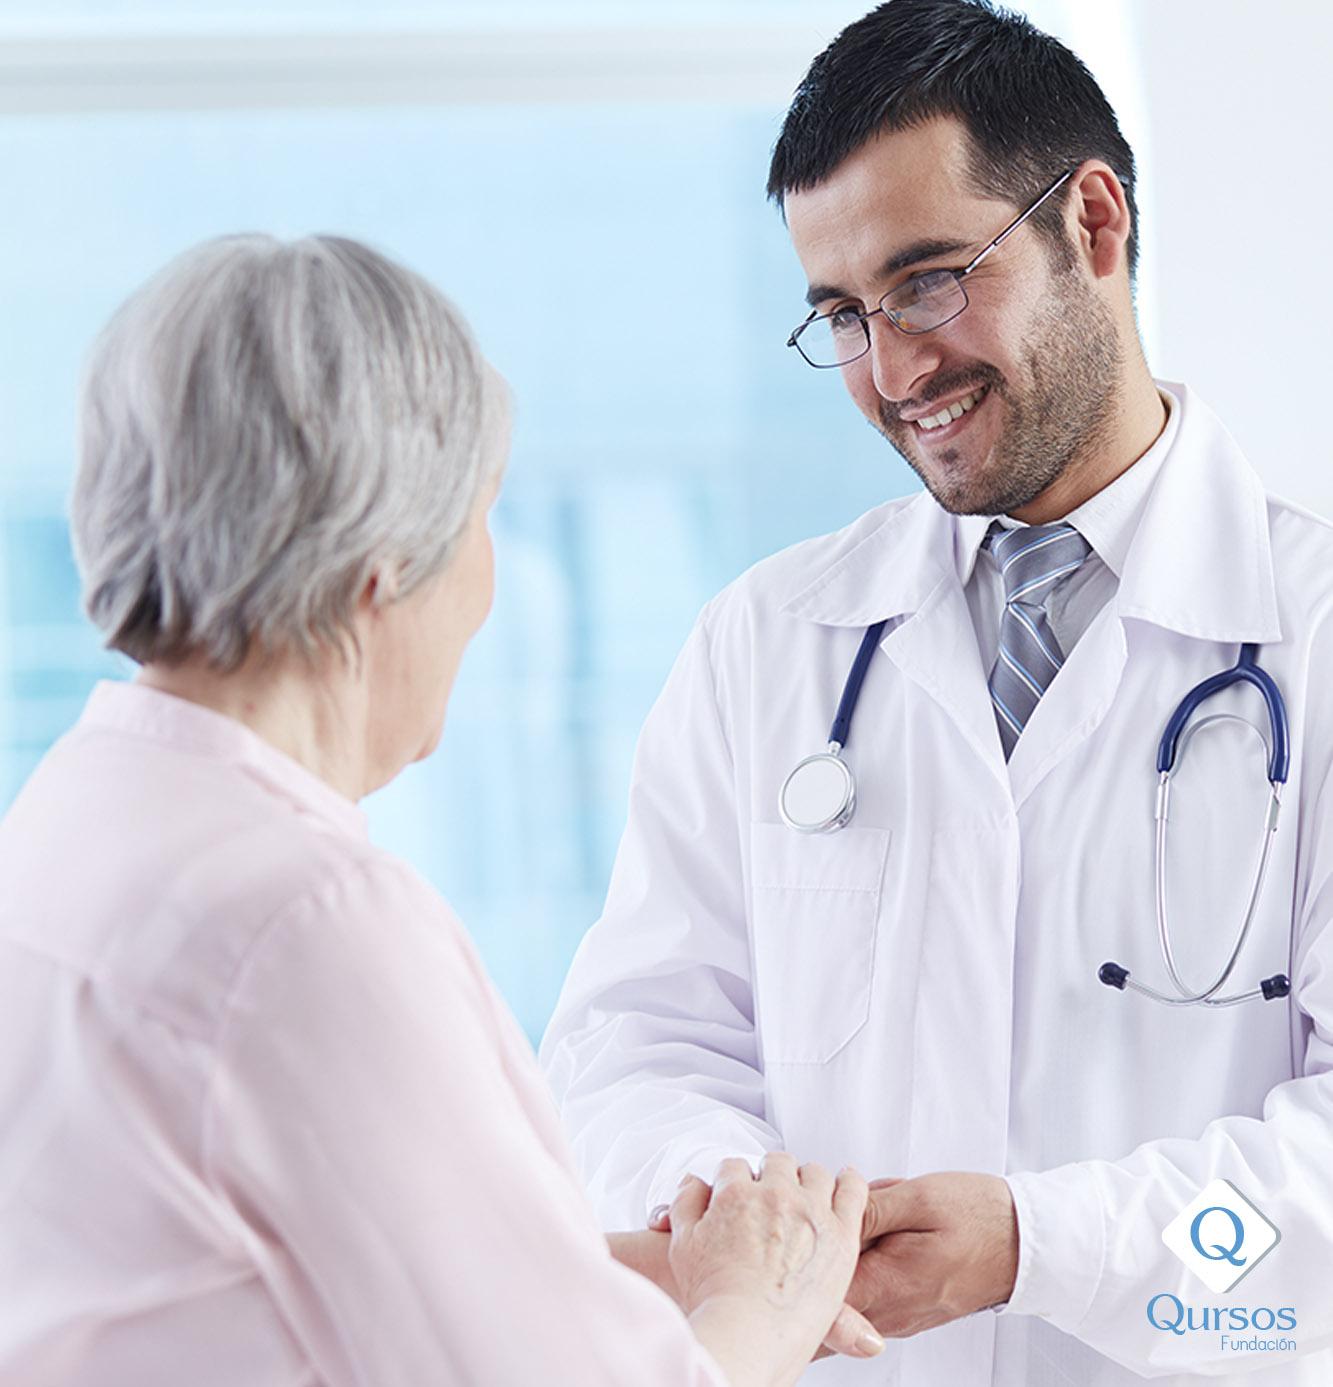 Las habilidades sociales y de comunicación en centros sanitarios